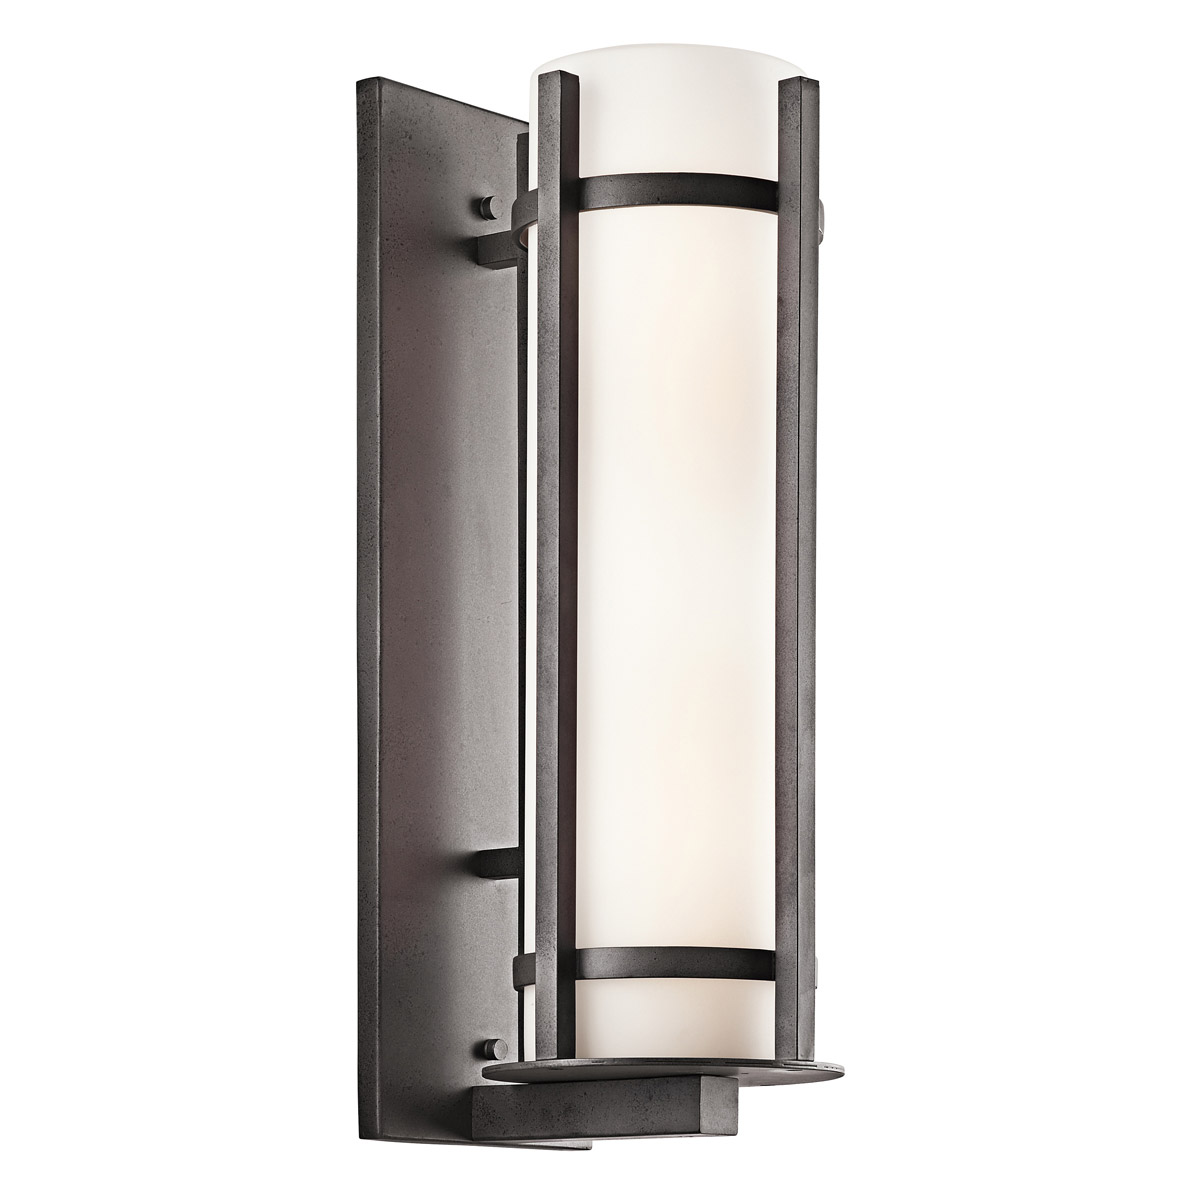 kichler low malibu transformer flood lights voltage fixtures lighting landscape light led outdoor